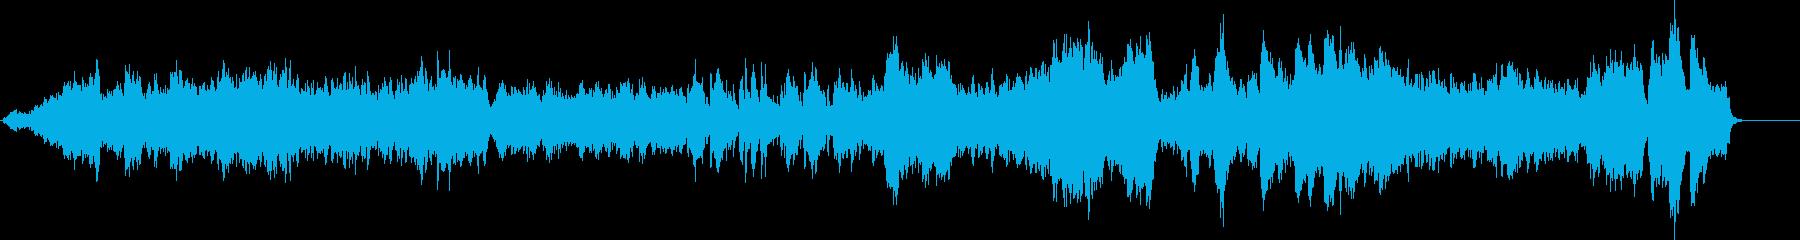 ショパンワルツOp.42のカバー曲の再生済みの波形